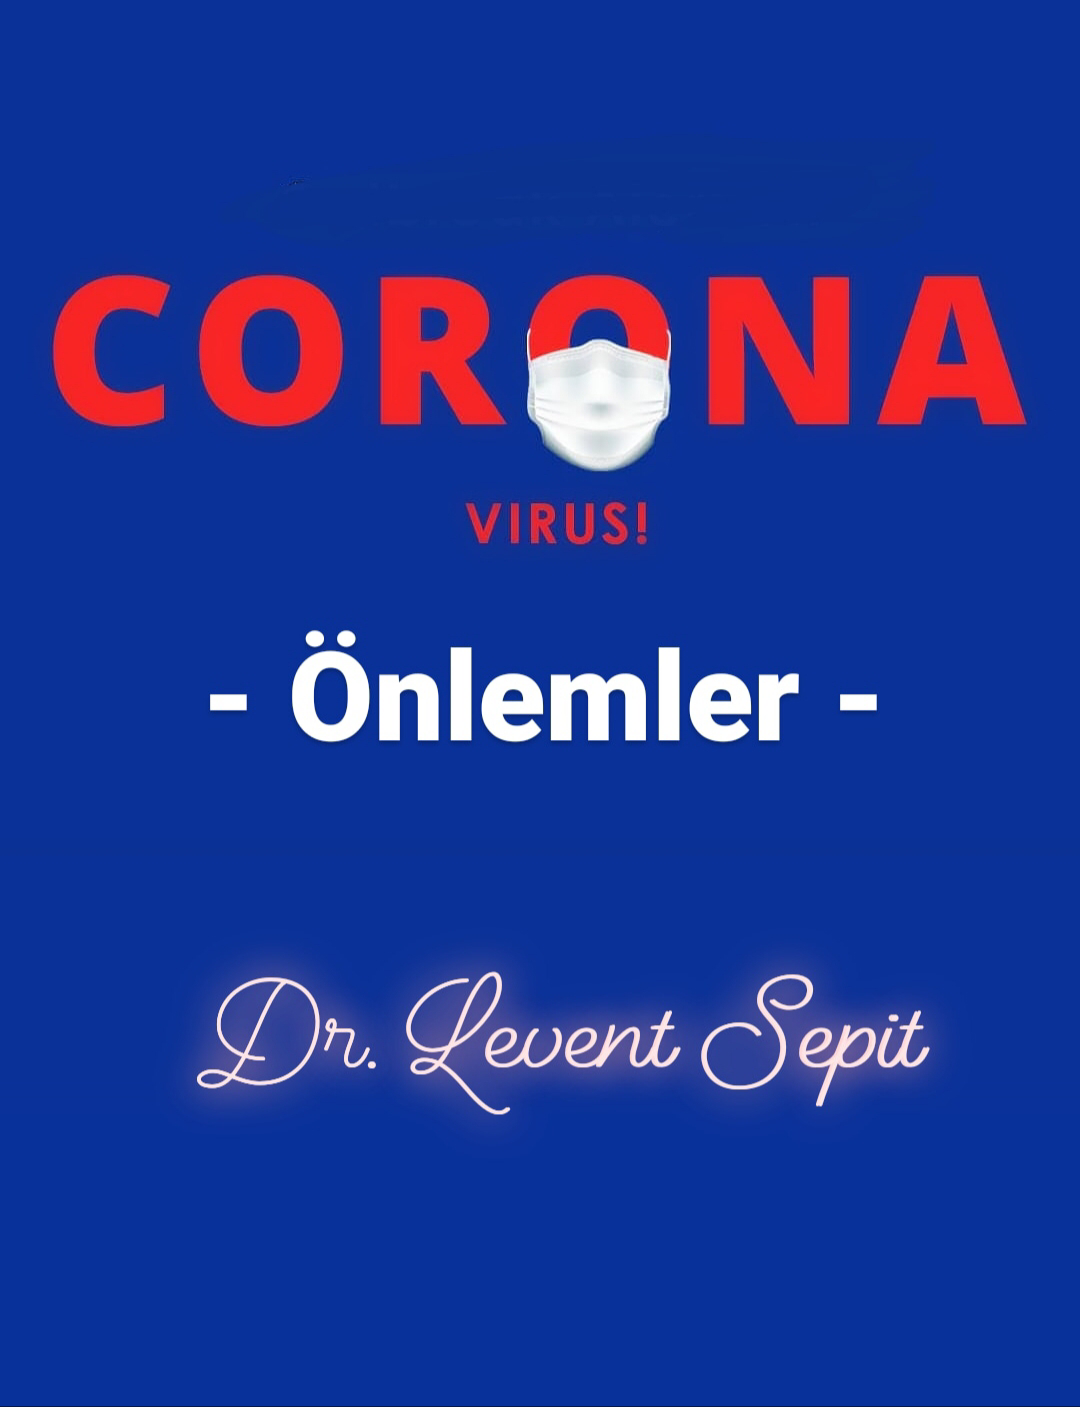 Coronavirus Nedir?